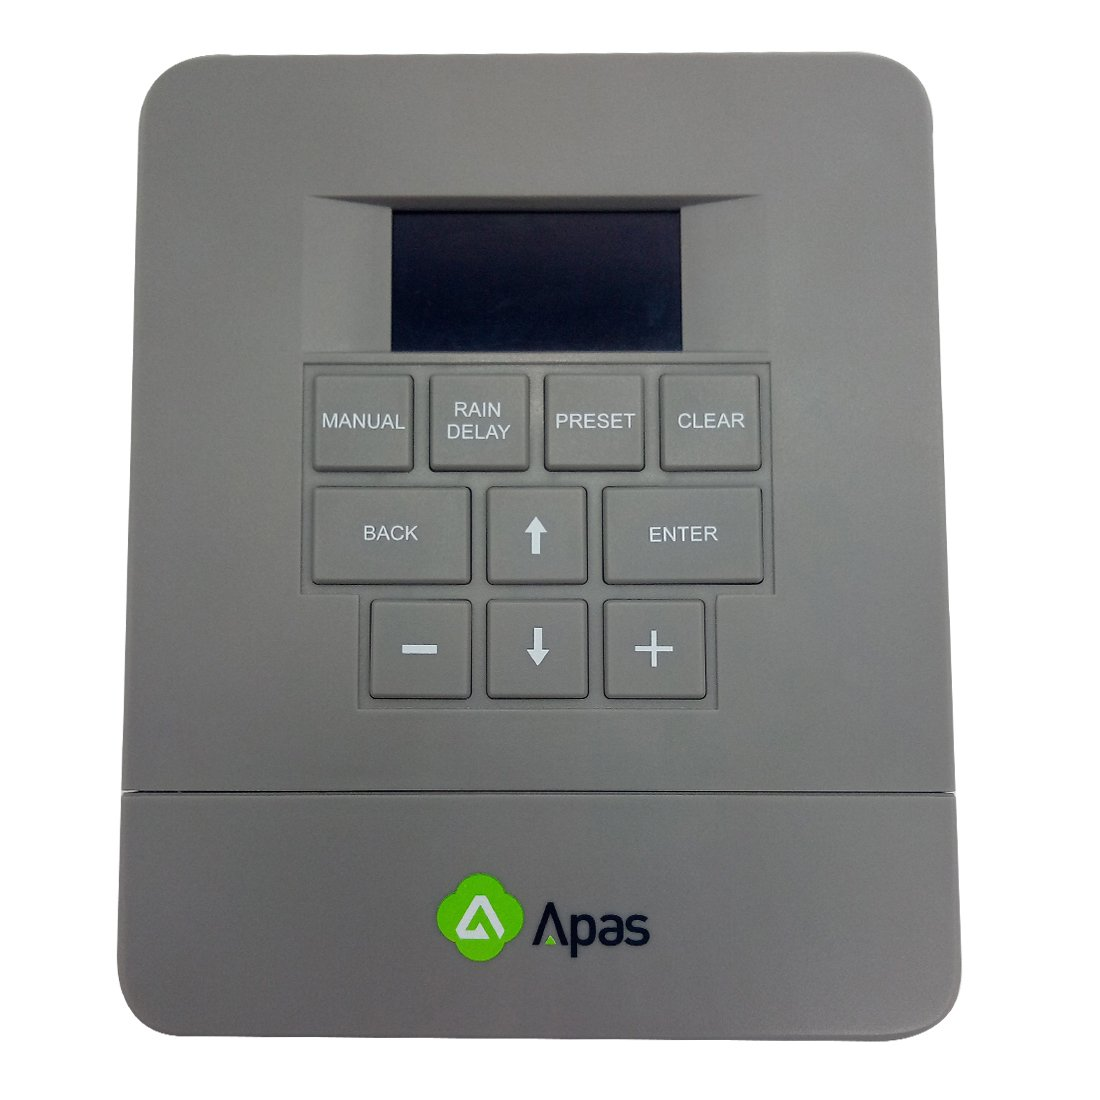 APAS WR 1101 Smart Indoor Sprinkler/Irrigation System Timer/Controller, 4-Zone/Station